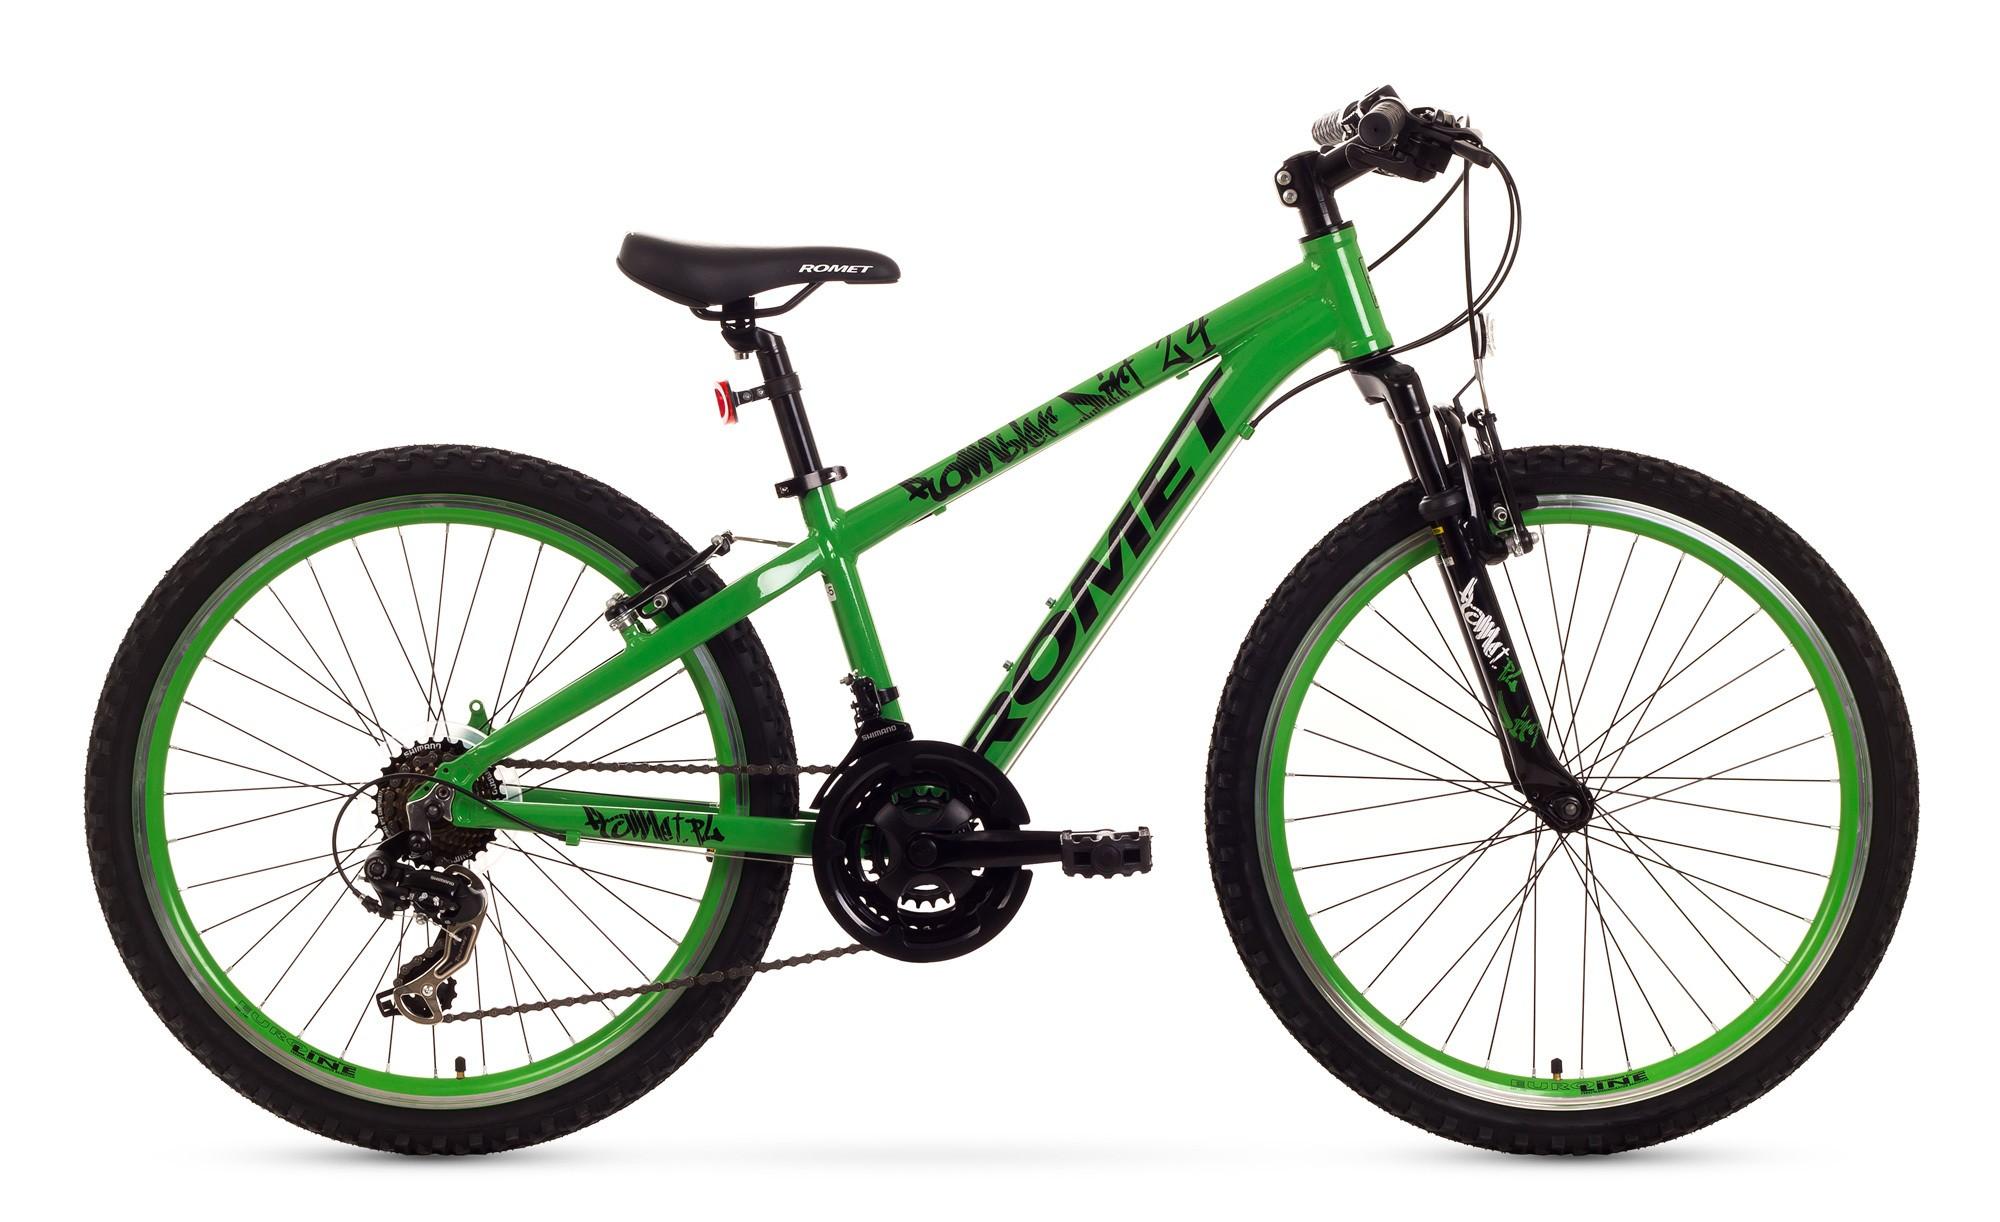 Bicicleta de copii Romet Rambler Dirt 24 - verde-negru